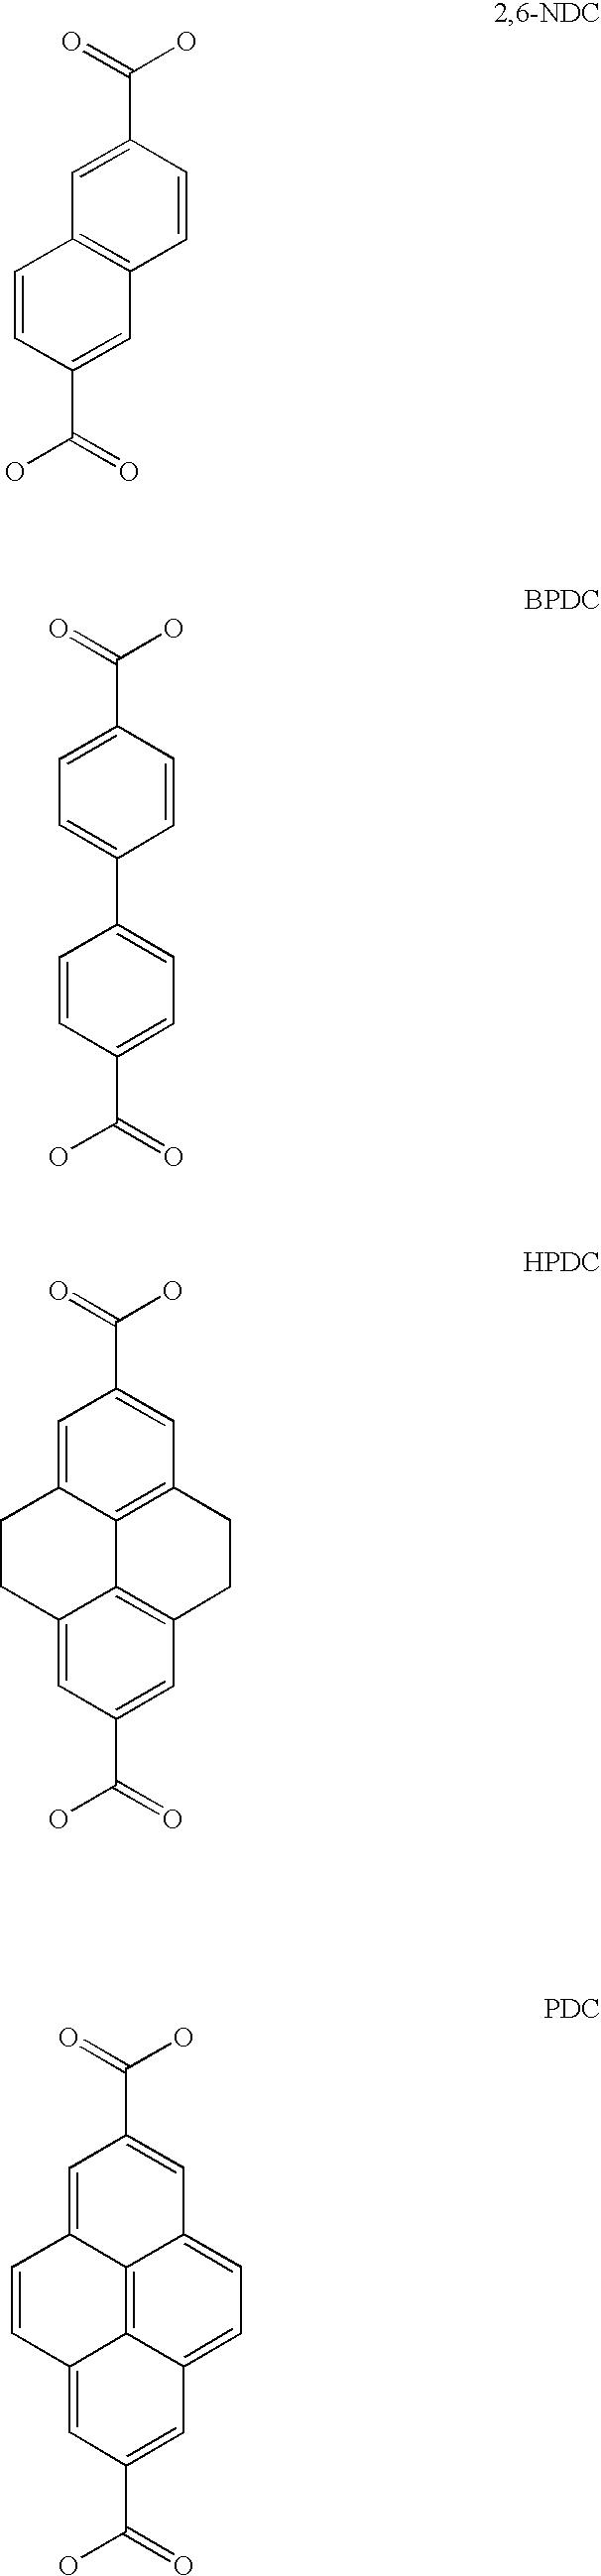 Figure US07637983-20091229-C00003